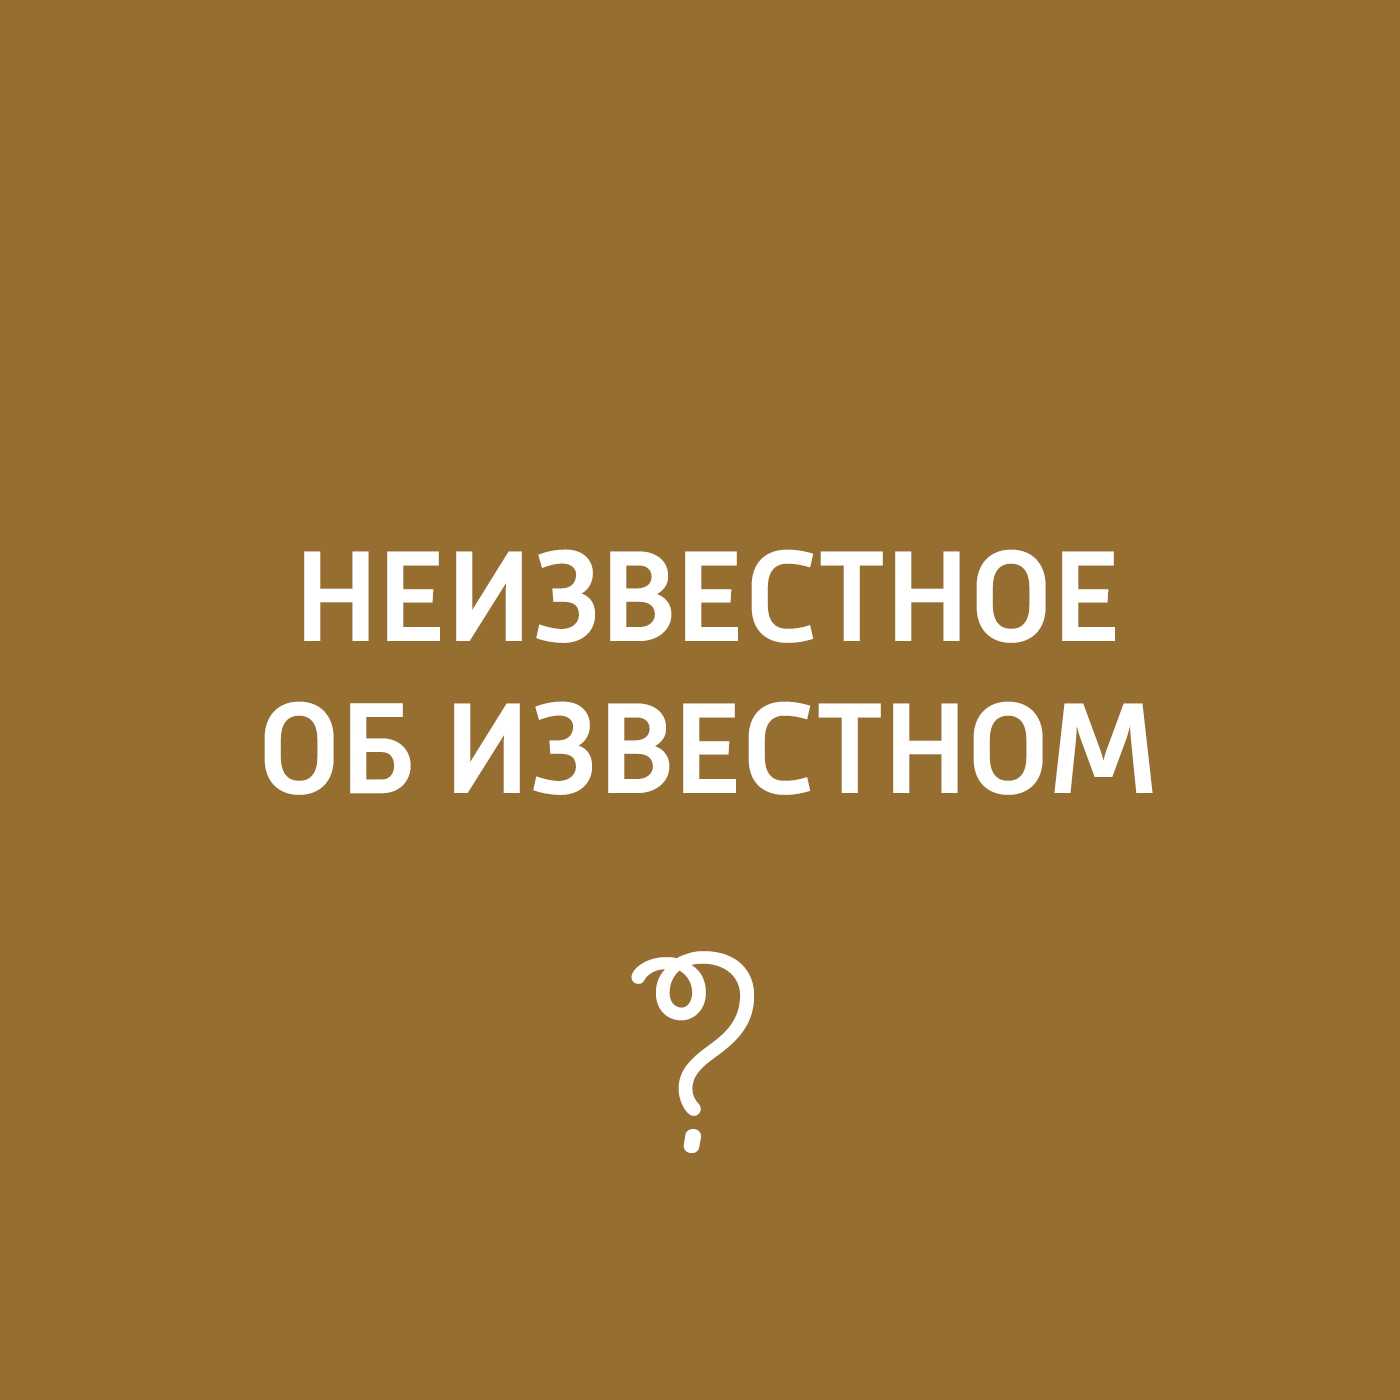 Творческий коллектив программы «Пора домой» Архитектура Мельникова коллектив авторов советское зазеркалье иностранный туризм в ссср в 1930 1980 е годы